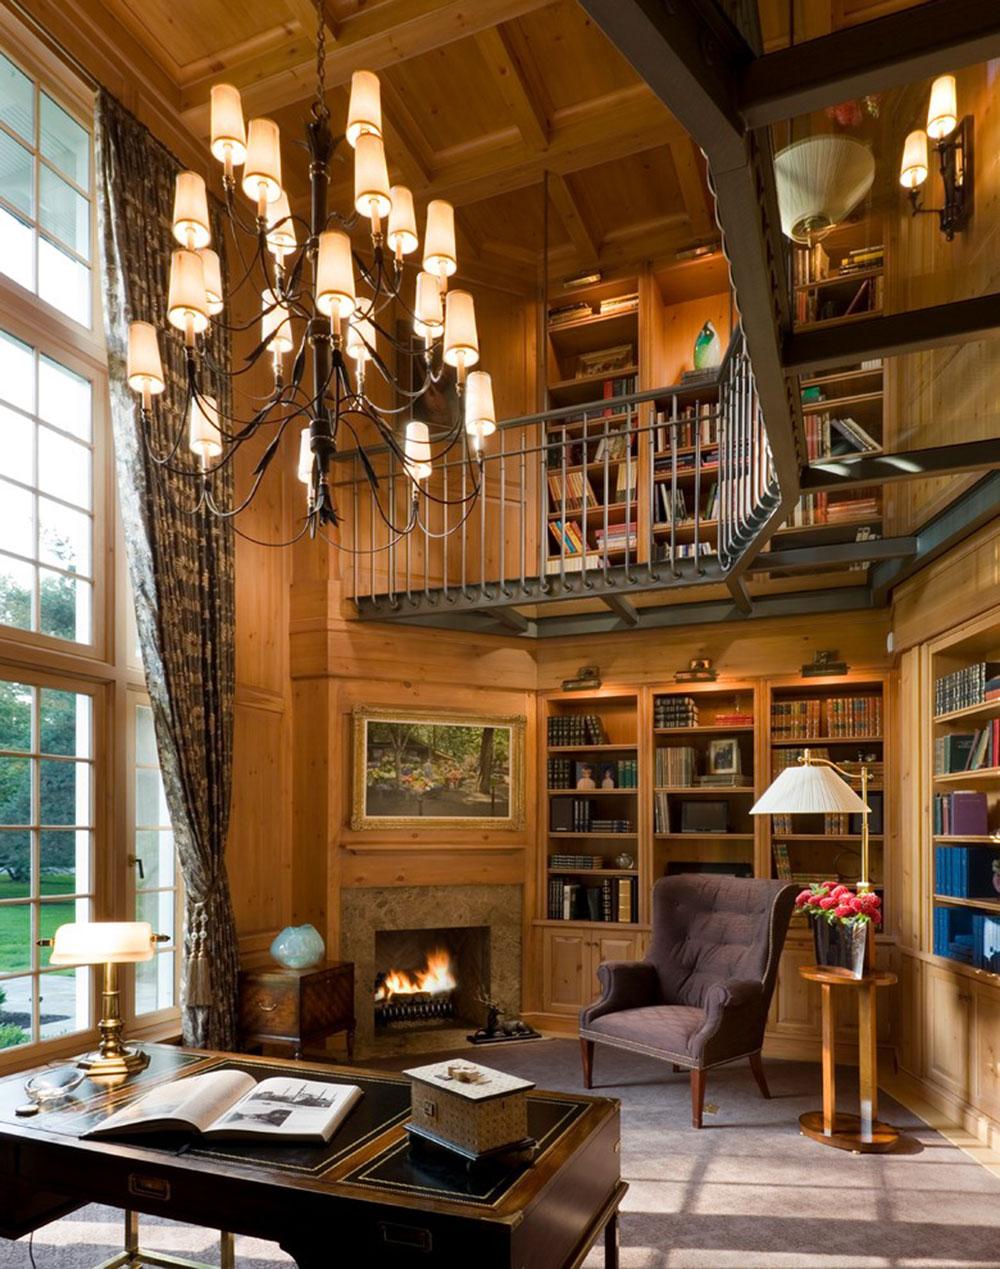 Skapa ett hembibliotek Design gör för ett avkopplande utrymme6 Skapa ett hembibliotek Design gör för ett avkopplande utrymme